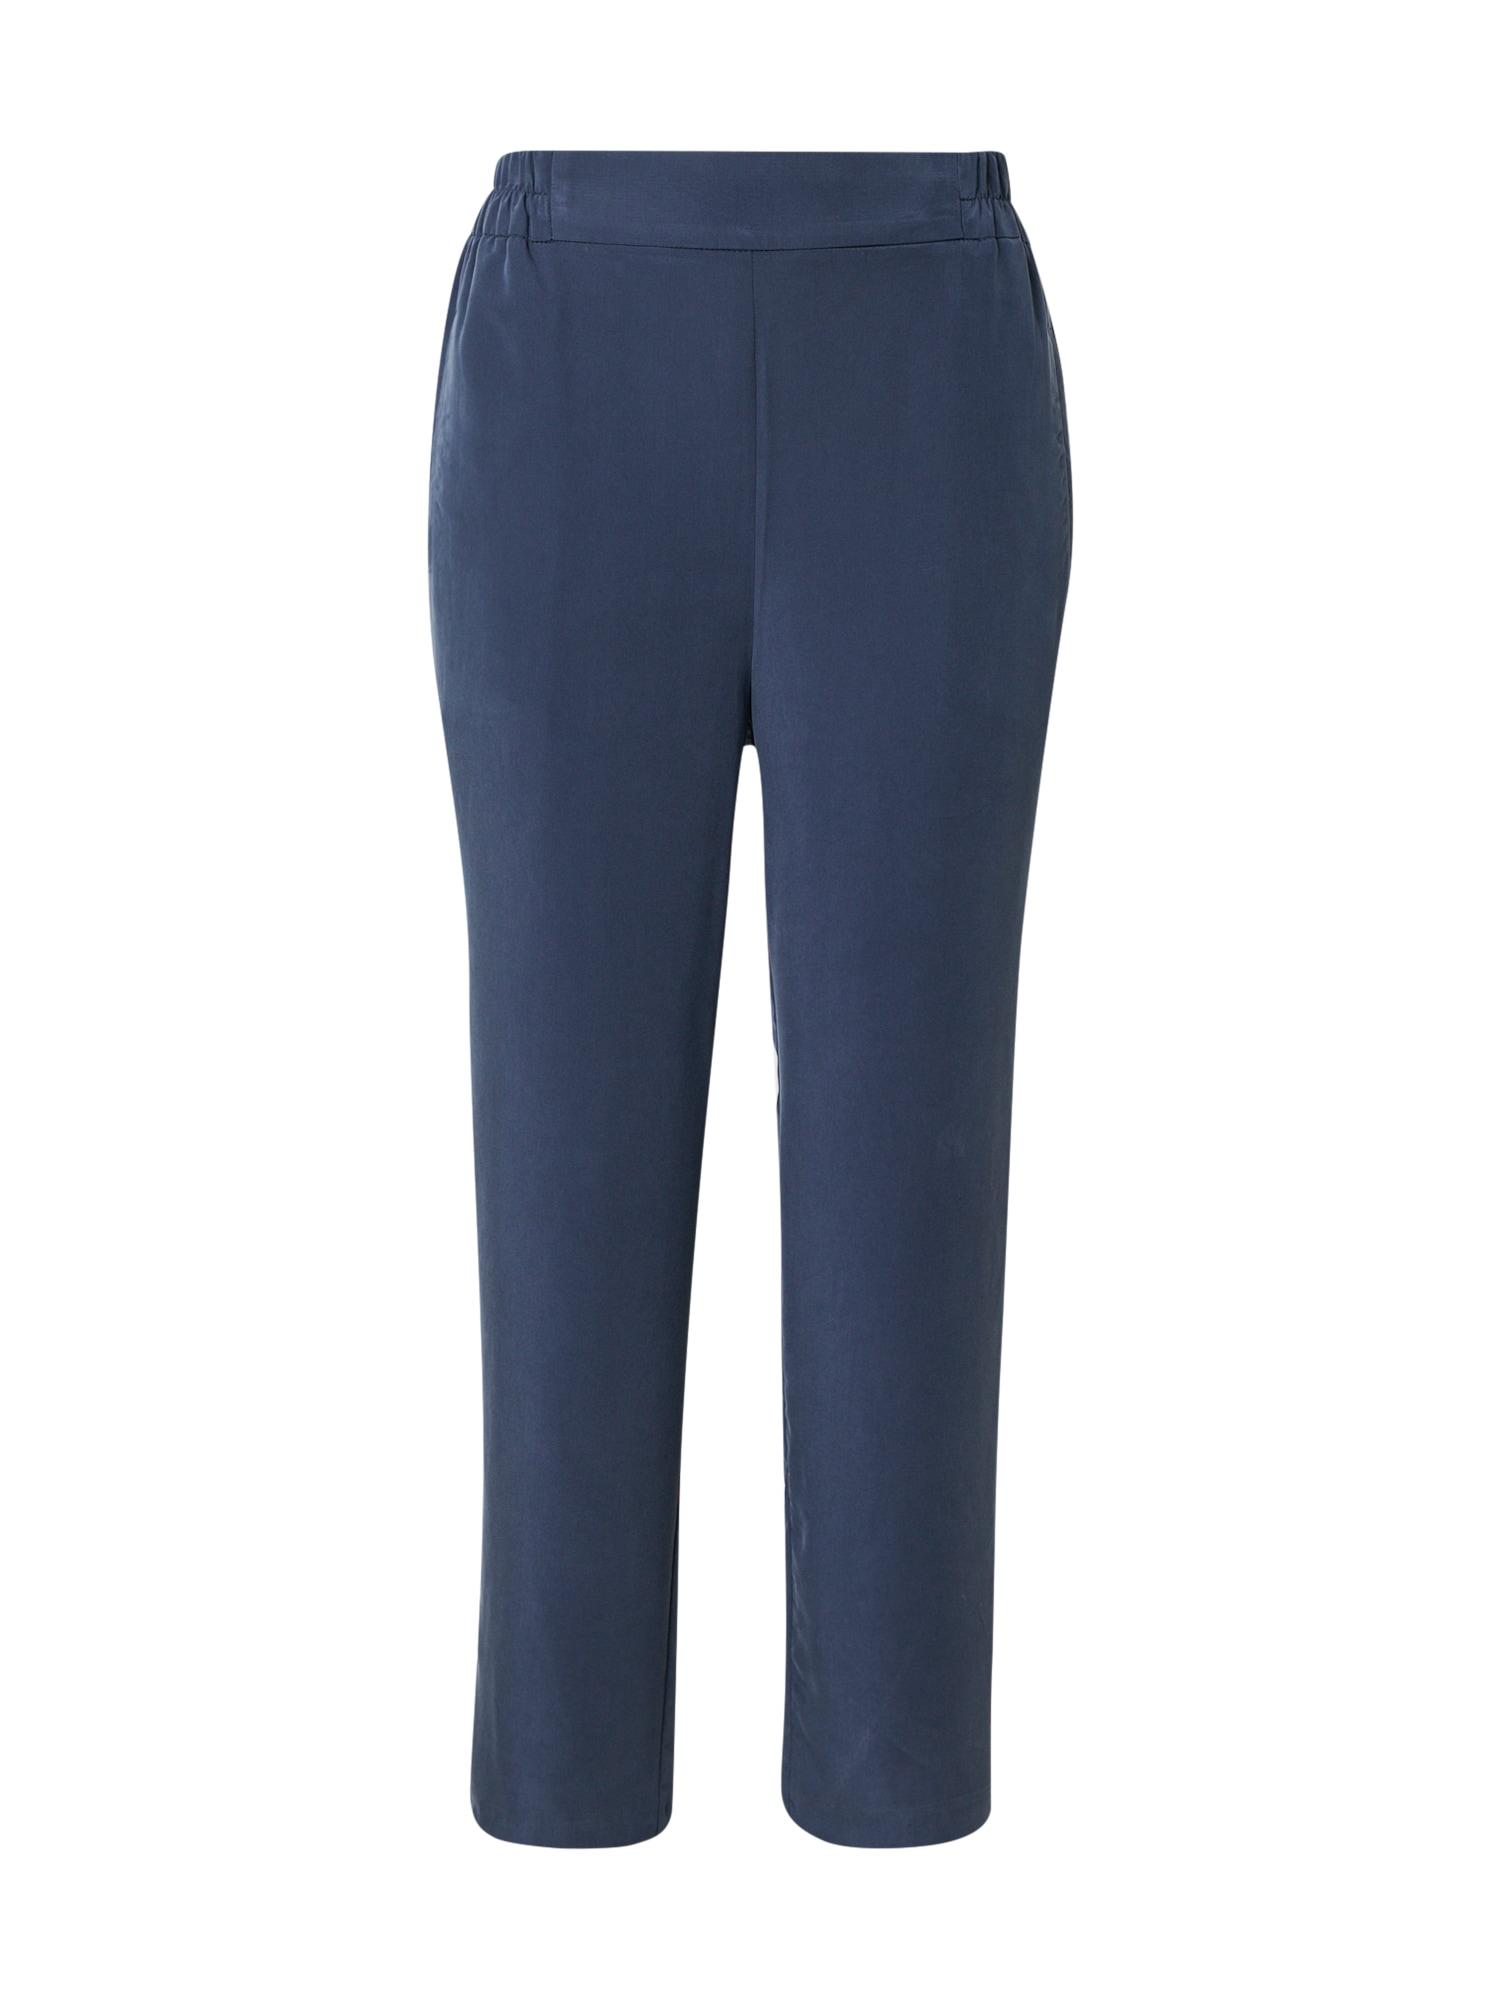 Kauf Dich Glücklich Kelnės mėlyna